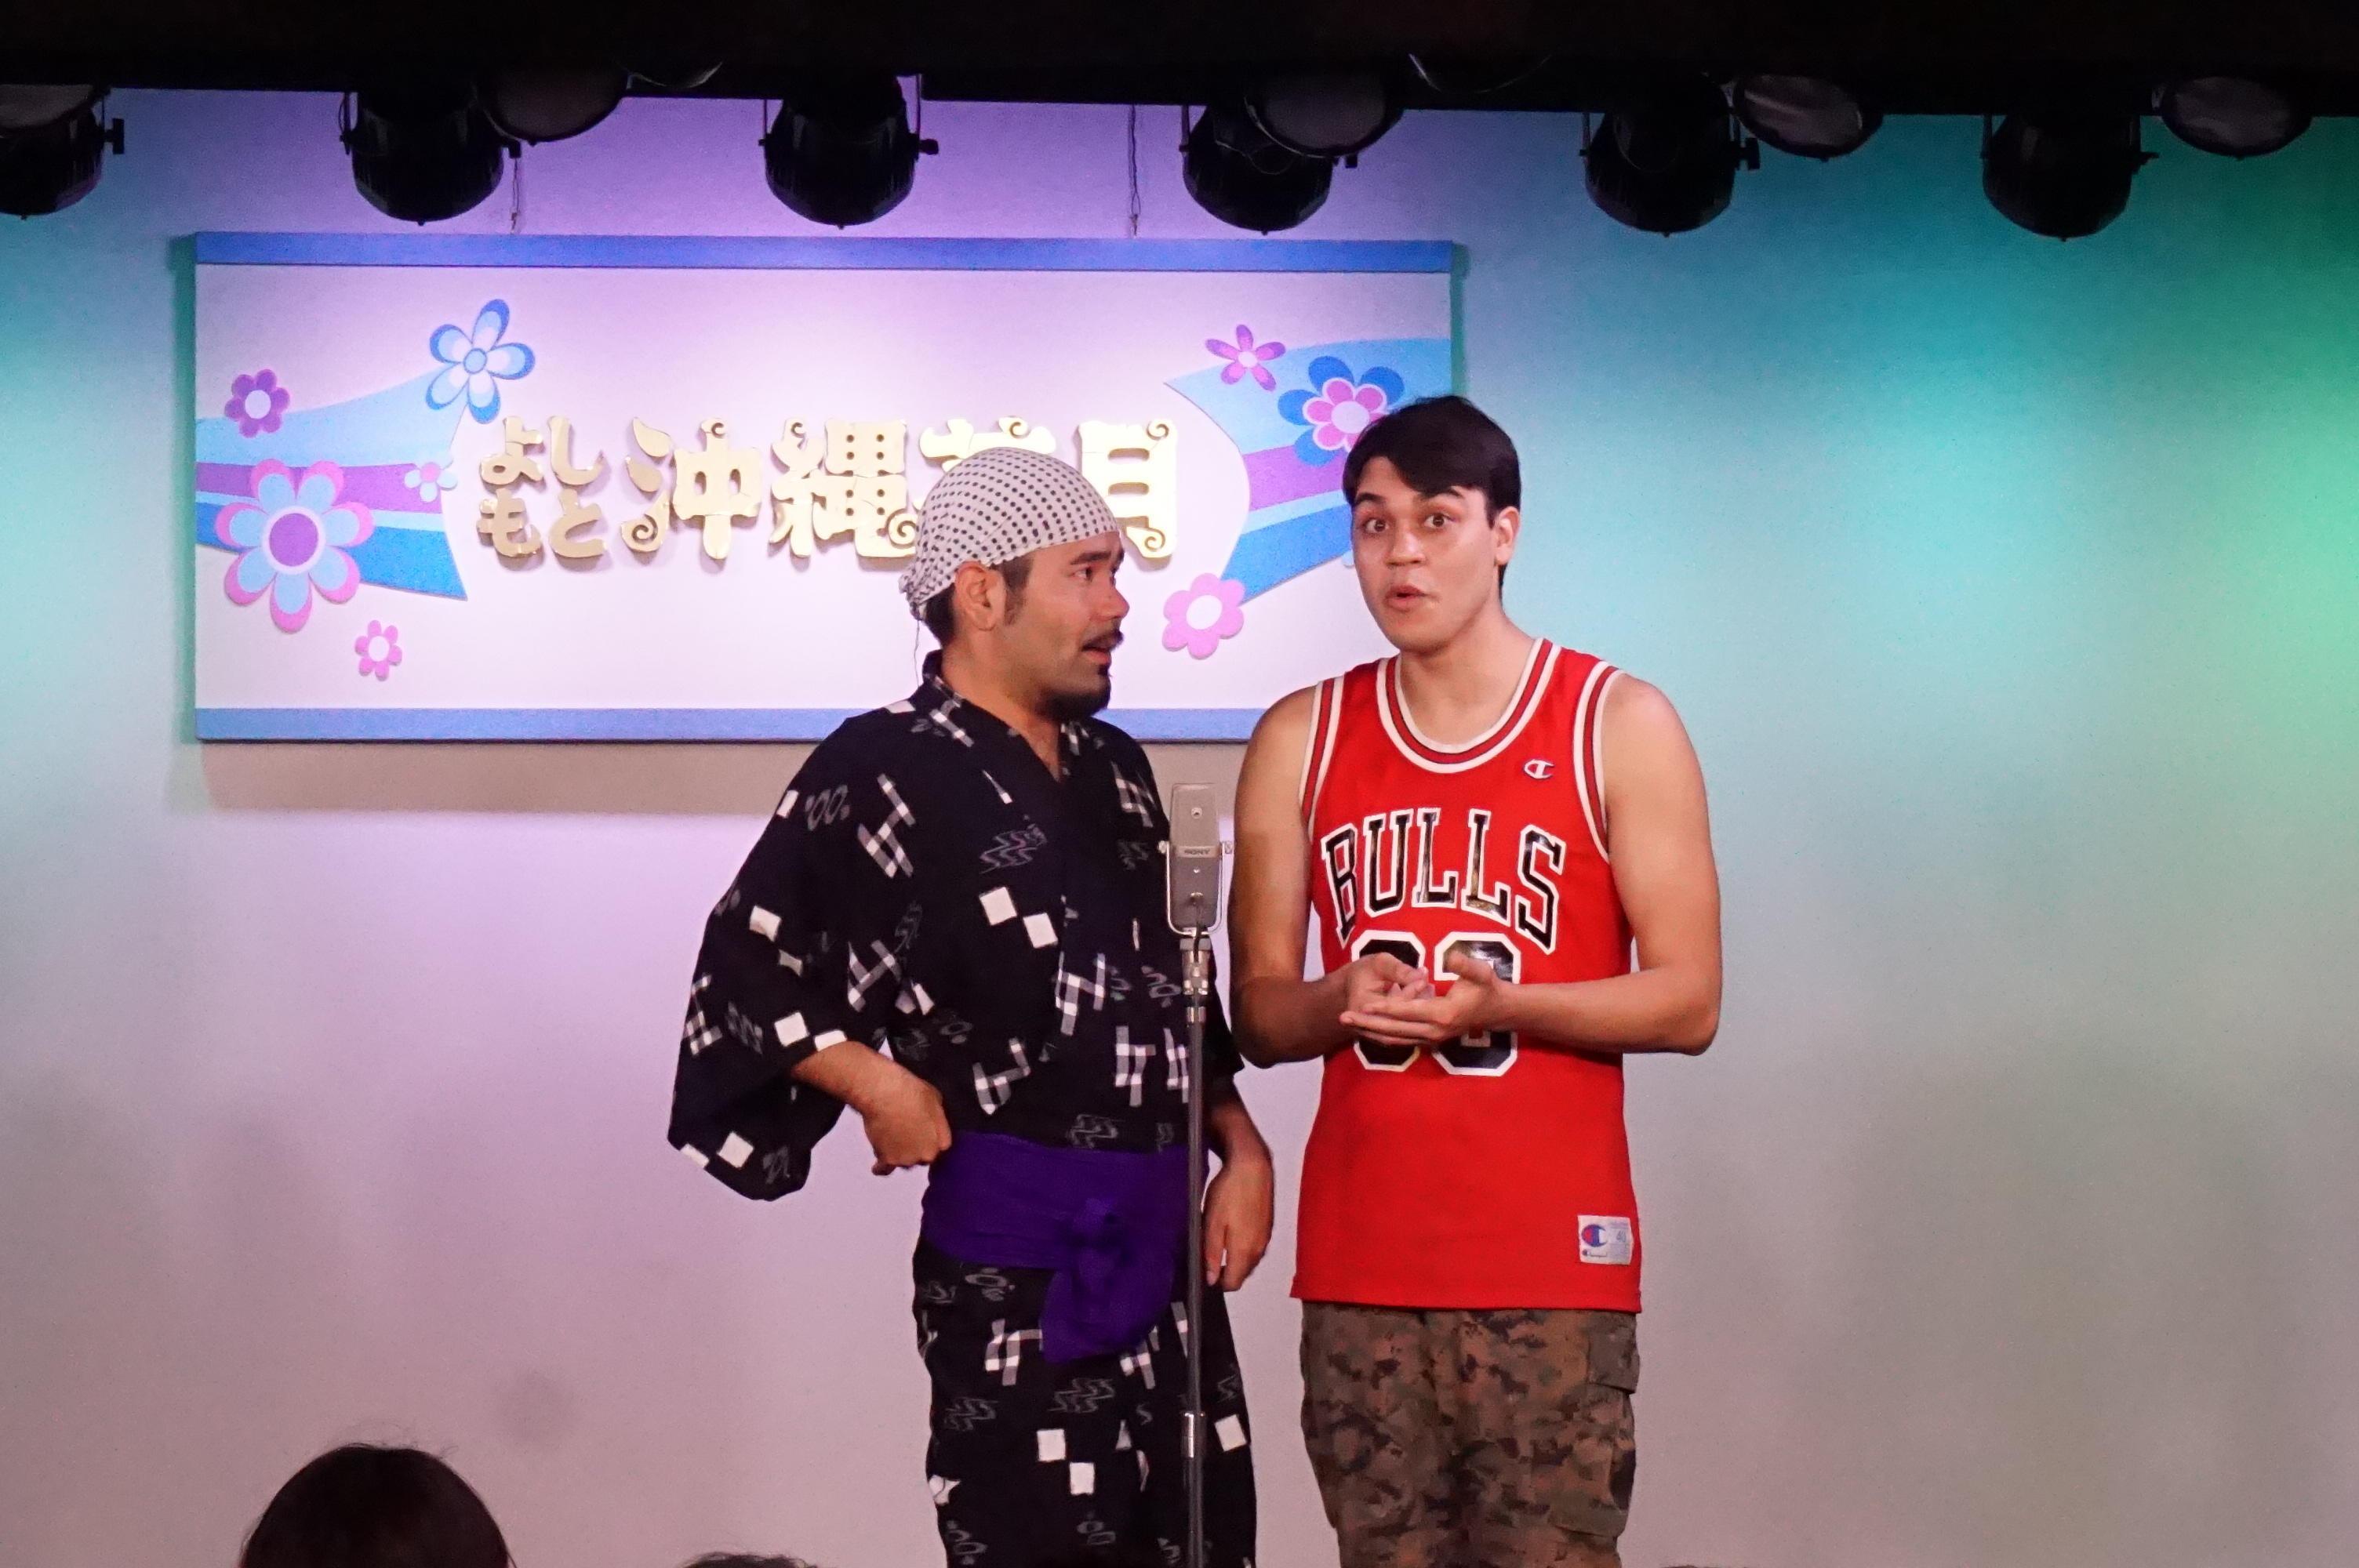 http://news.yoshimoto.co.jp/20180330150457-fd758bd62bbc856a42022e5d91e0cd1e1cf89e36.jpg